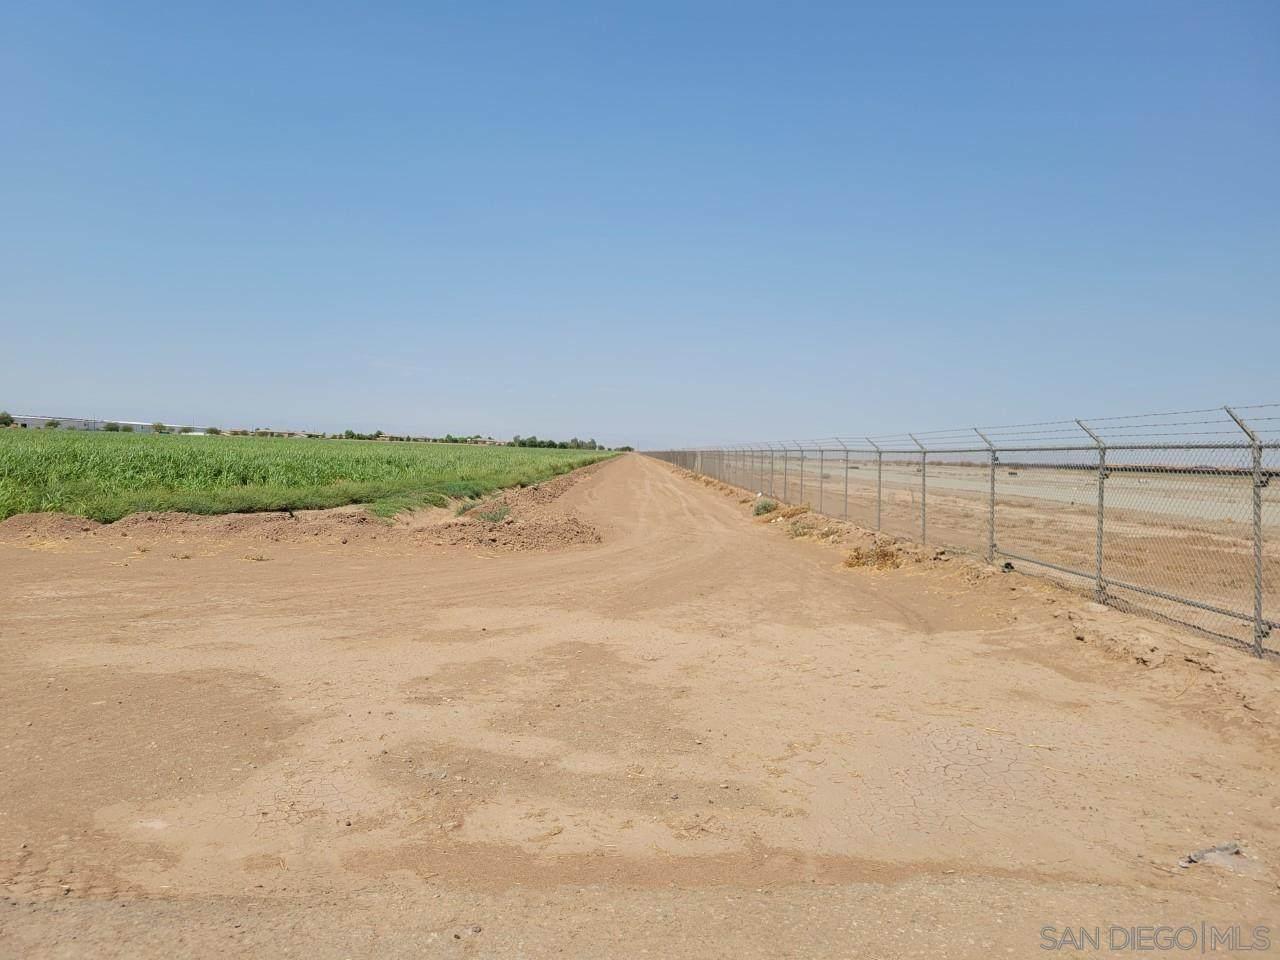 064-300-046 Airport Runway - Photo 1